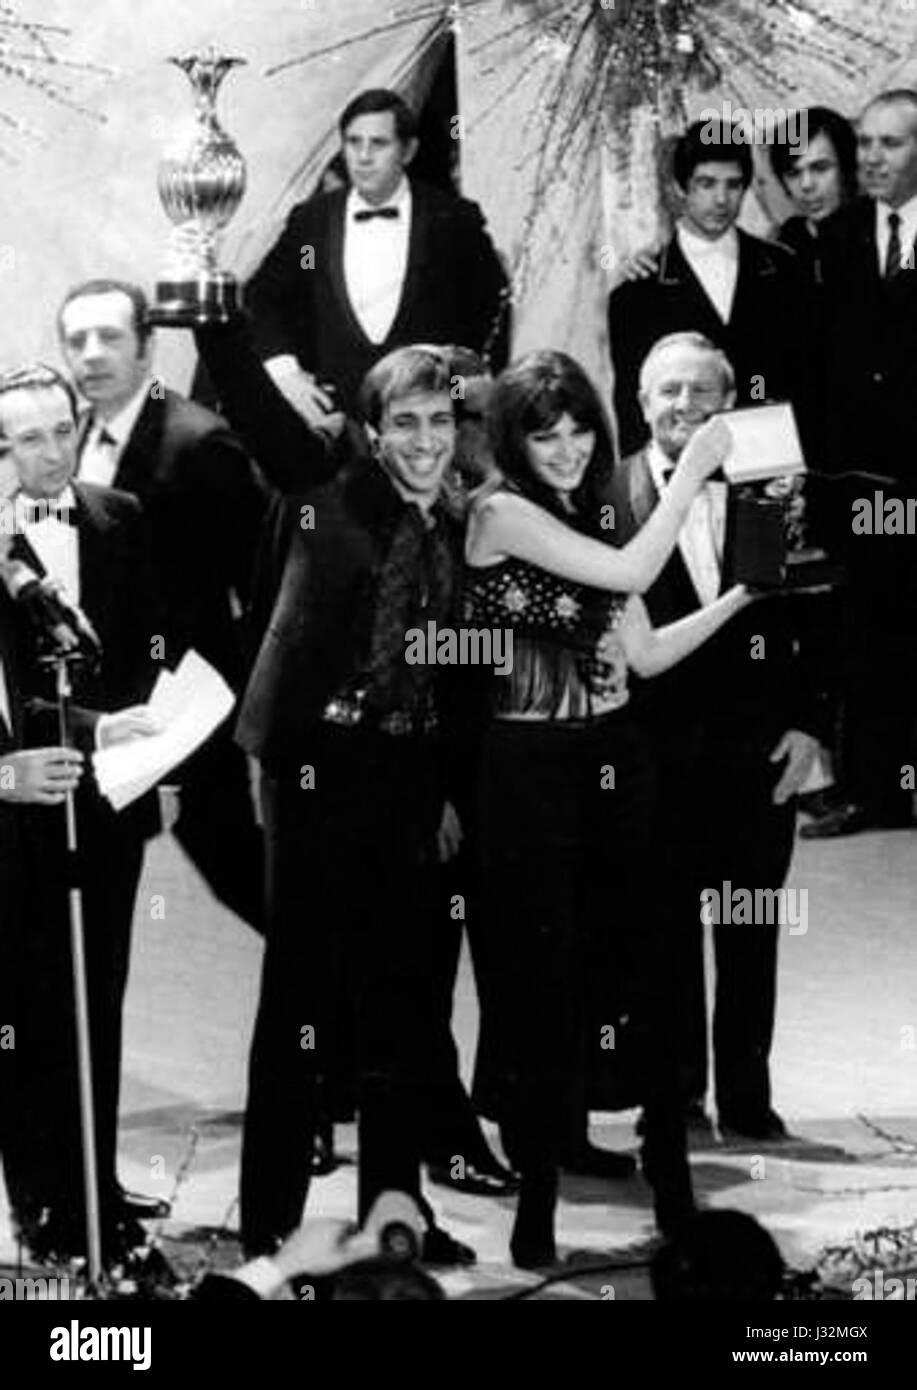 Sanremo 1970 Adriano Celentano Claudia Mori - Stock Image